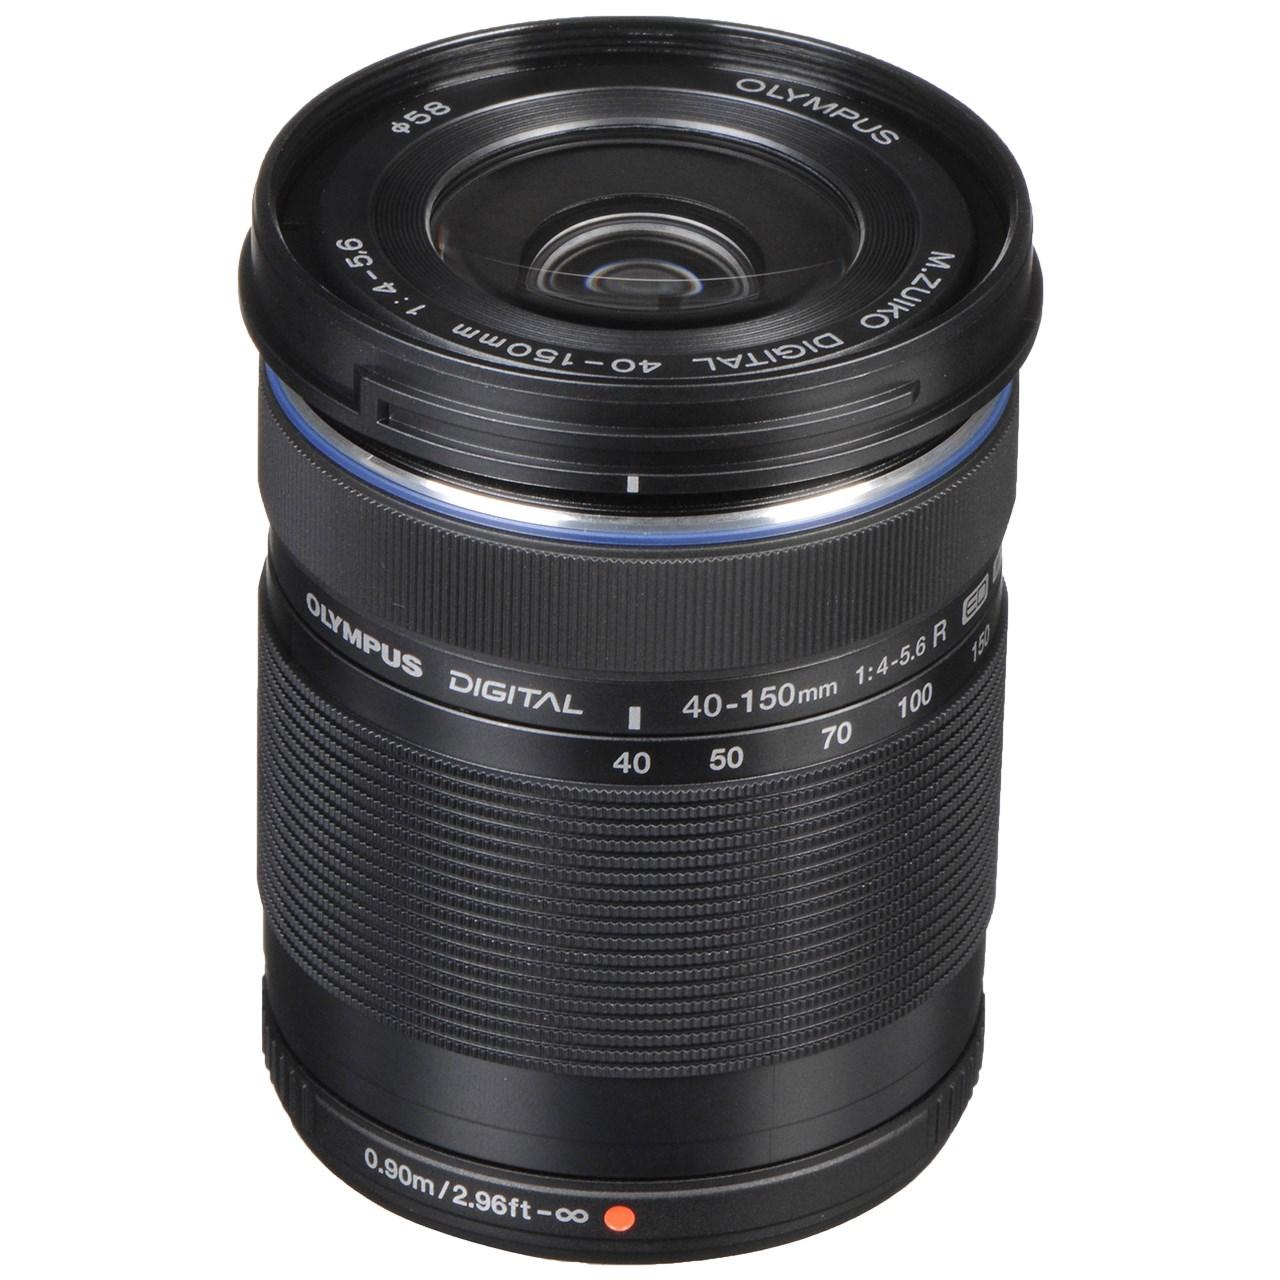 لنز الیمپوس مدل M.Zuiko ED 40-150mm f/4-5.6 R مناسب برای دوربین های الیمپوس